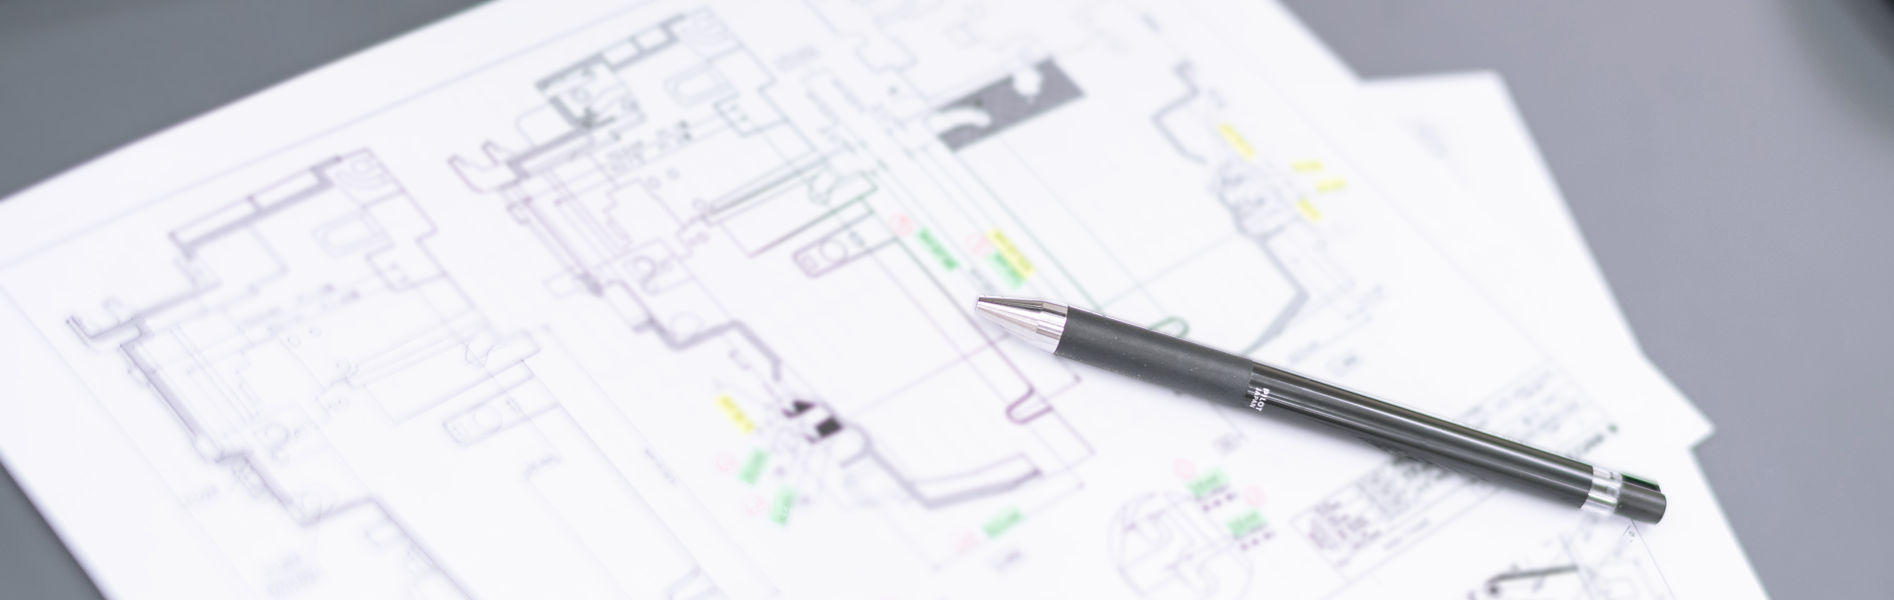 企画・設計~二次加工・測定までトータルサポート